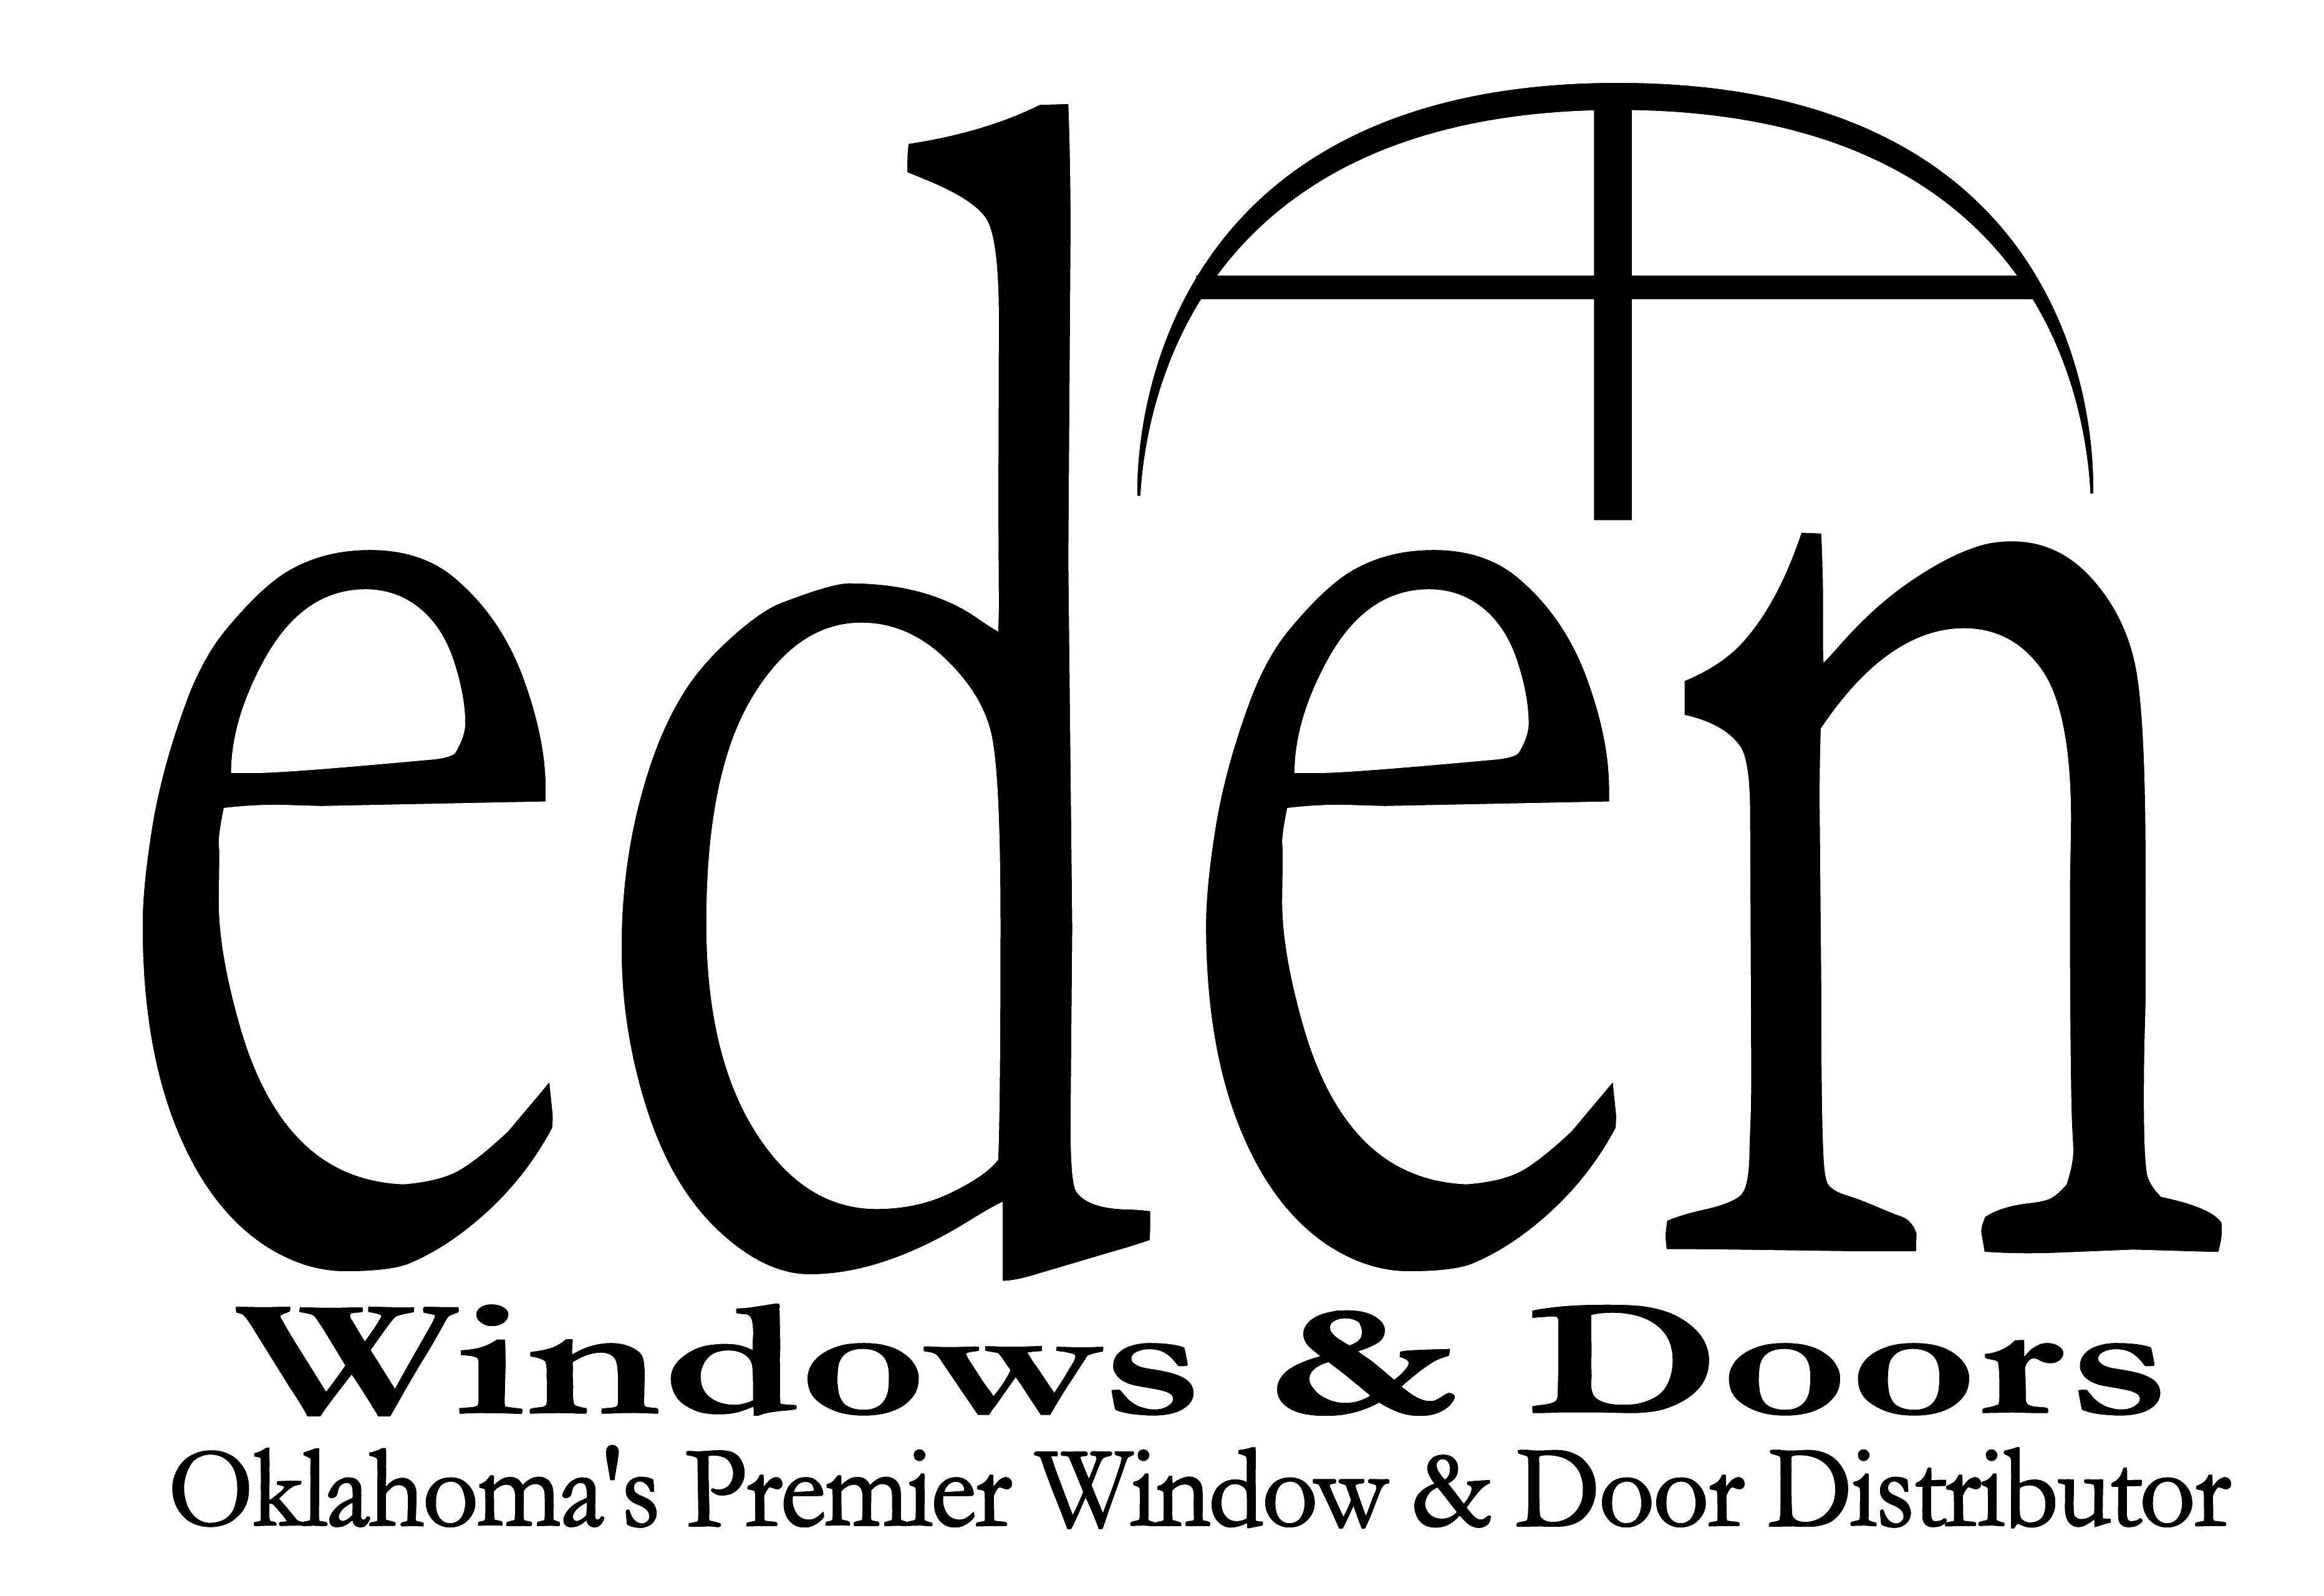 Eden Windows & Doors